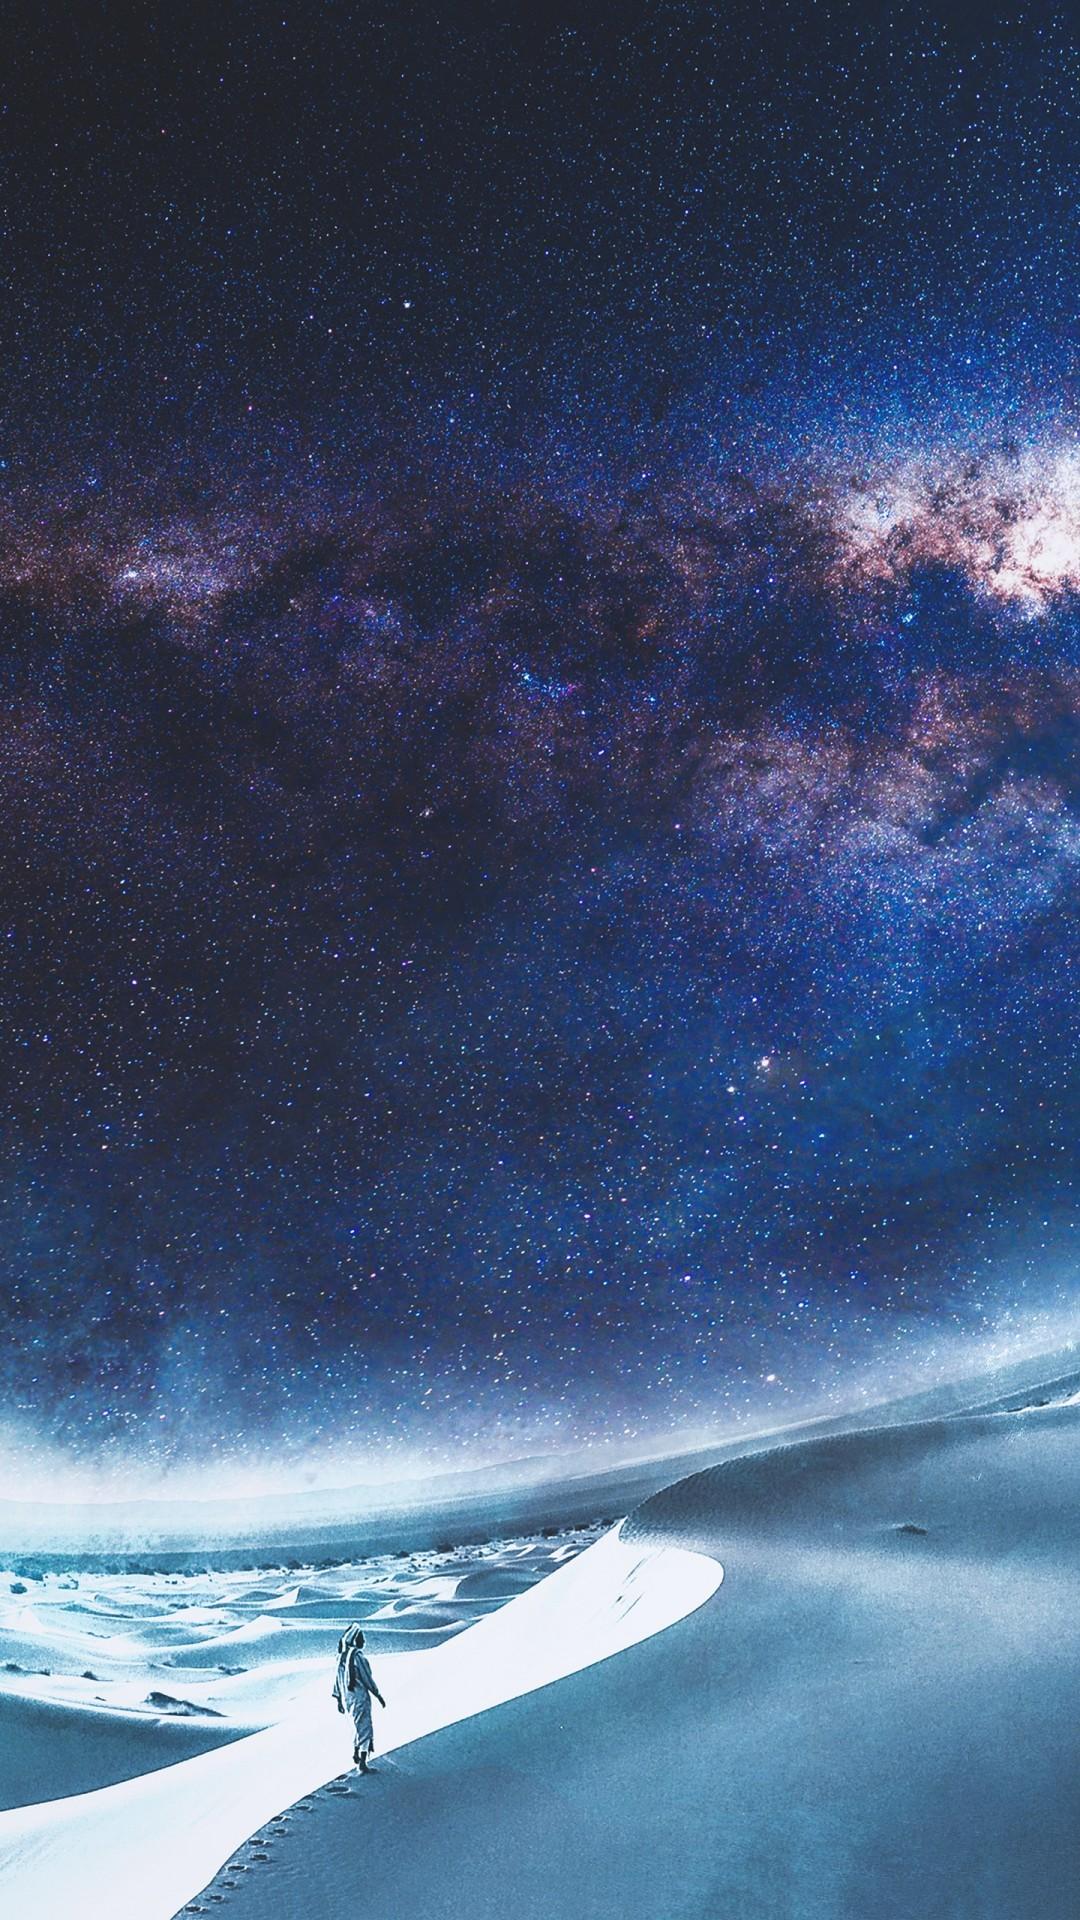 Free Surreal Desert phone wallpaper by slick1994v3